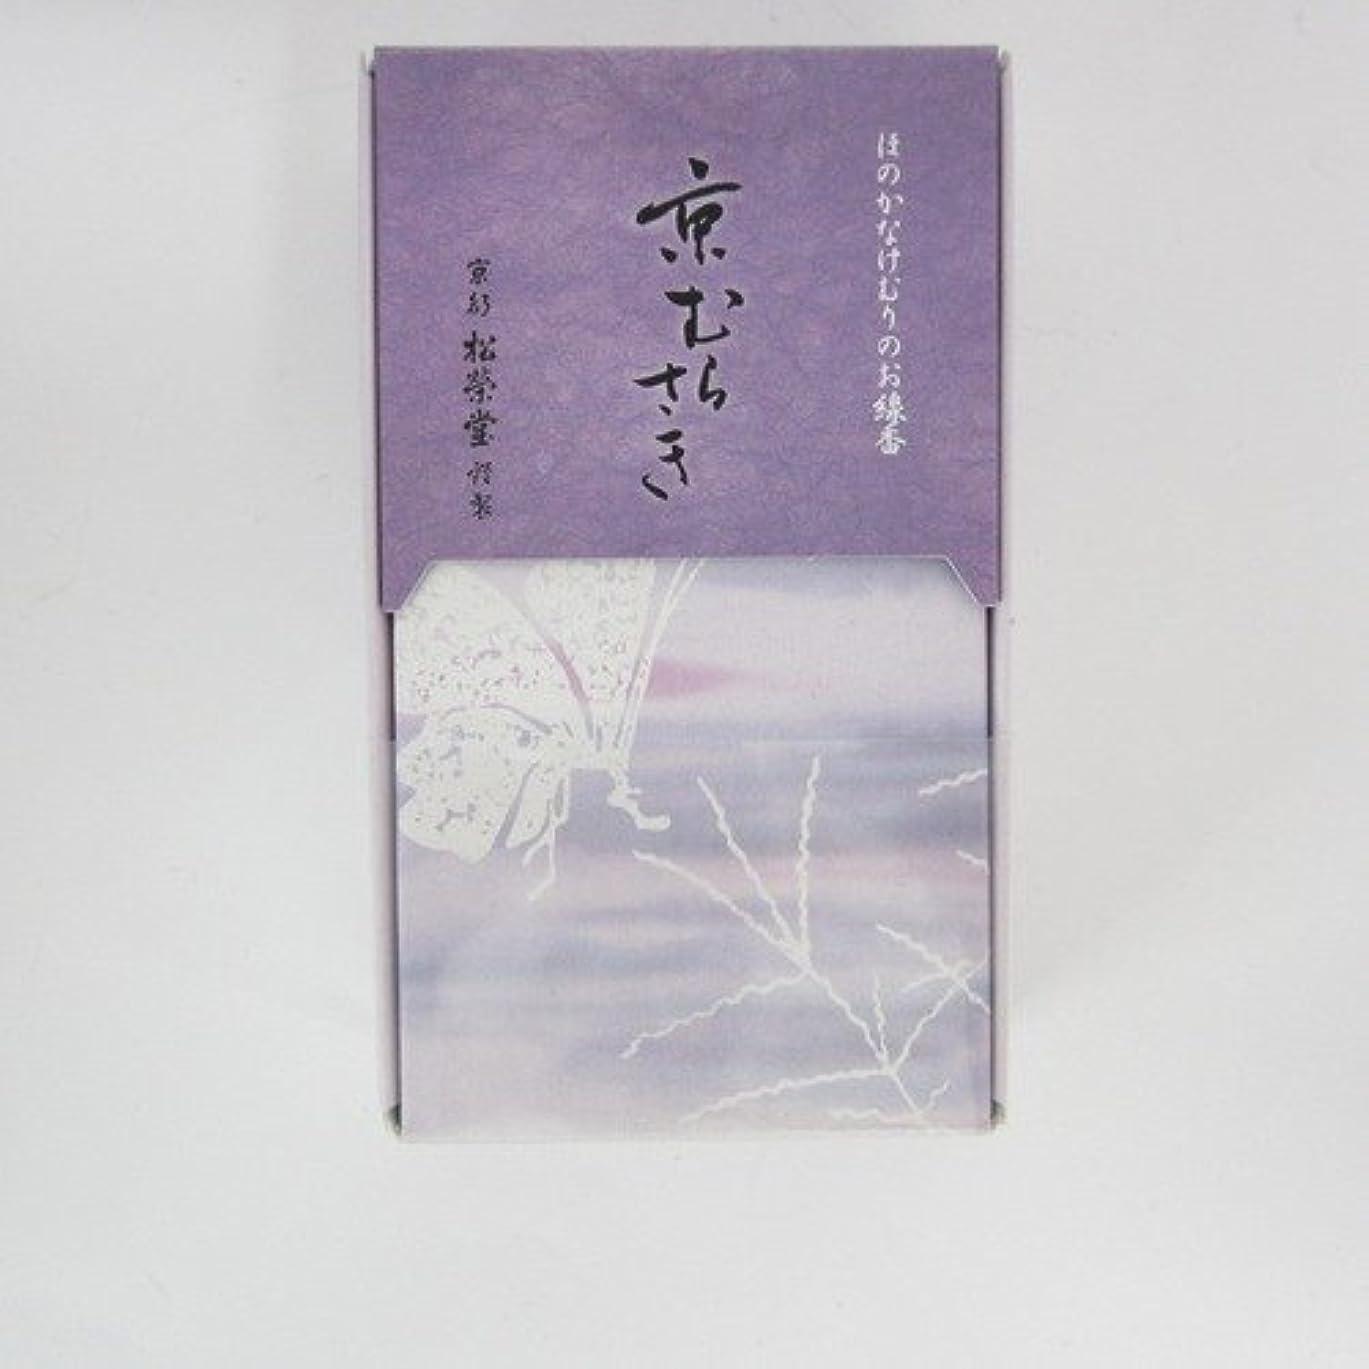 負手伝う寮松栄堂 玉響シリーズ 京むらさき 45g